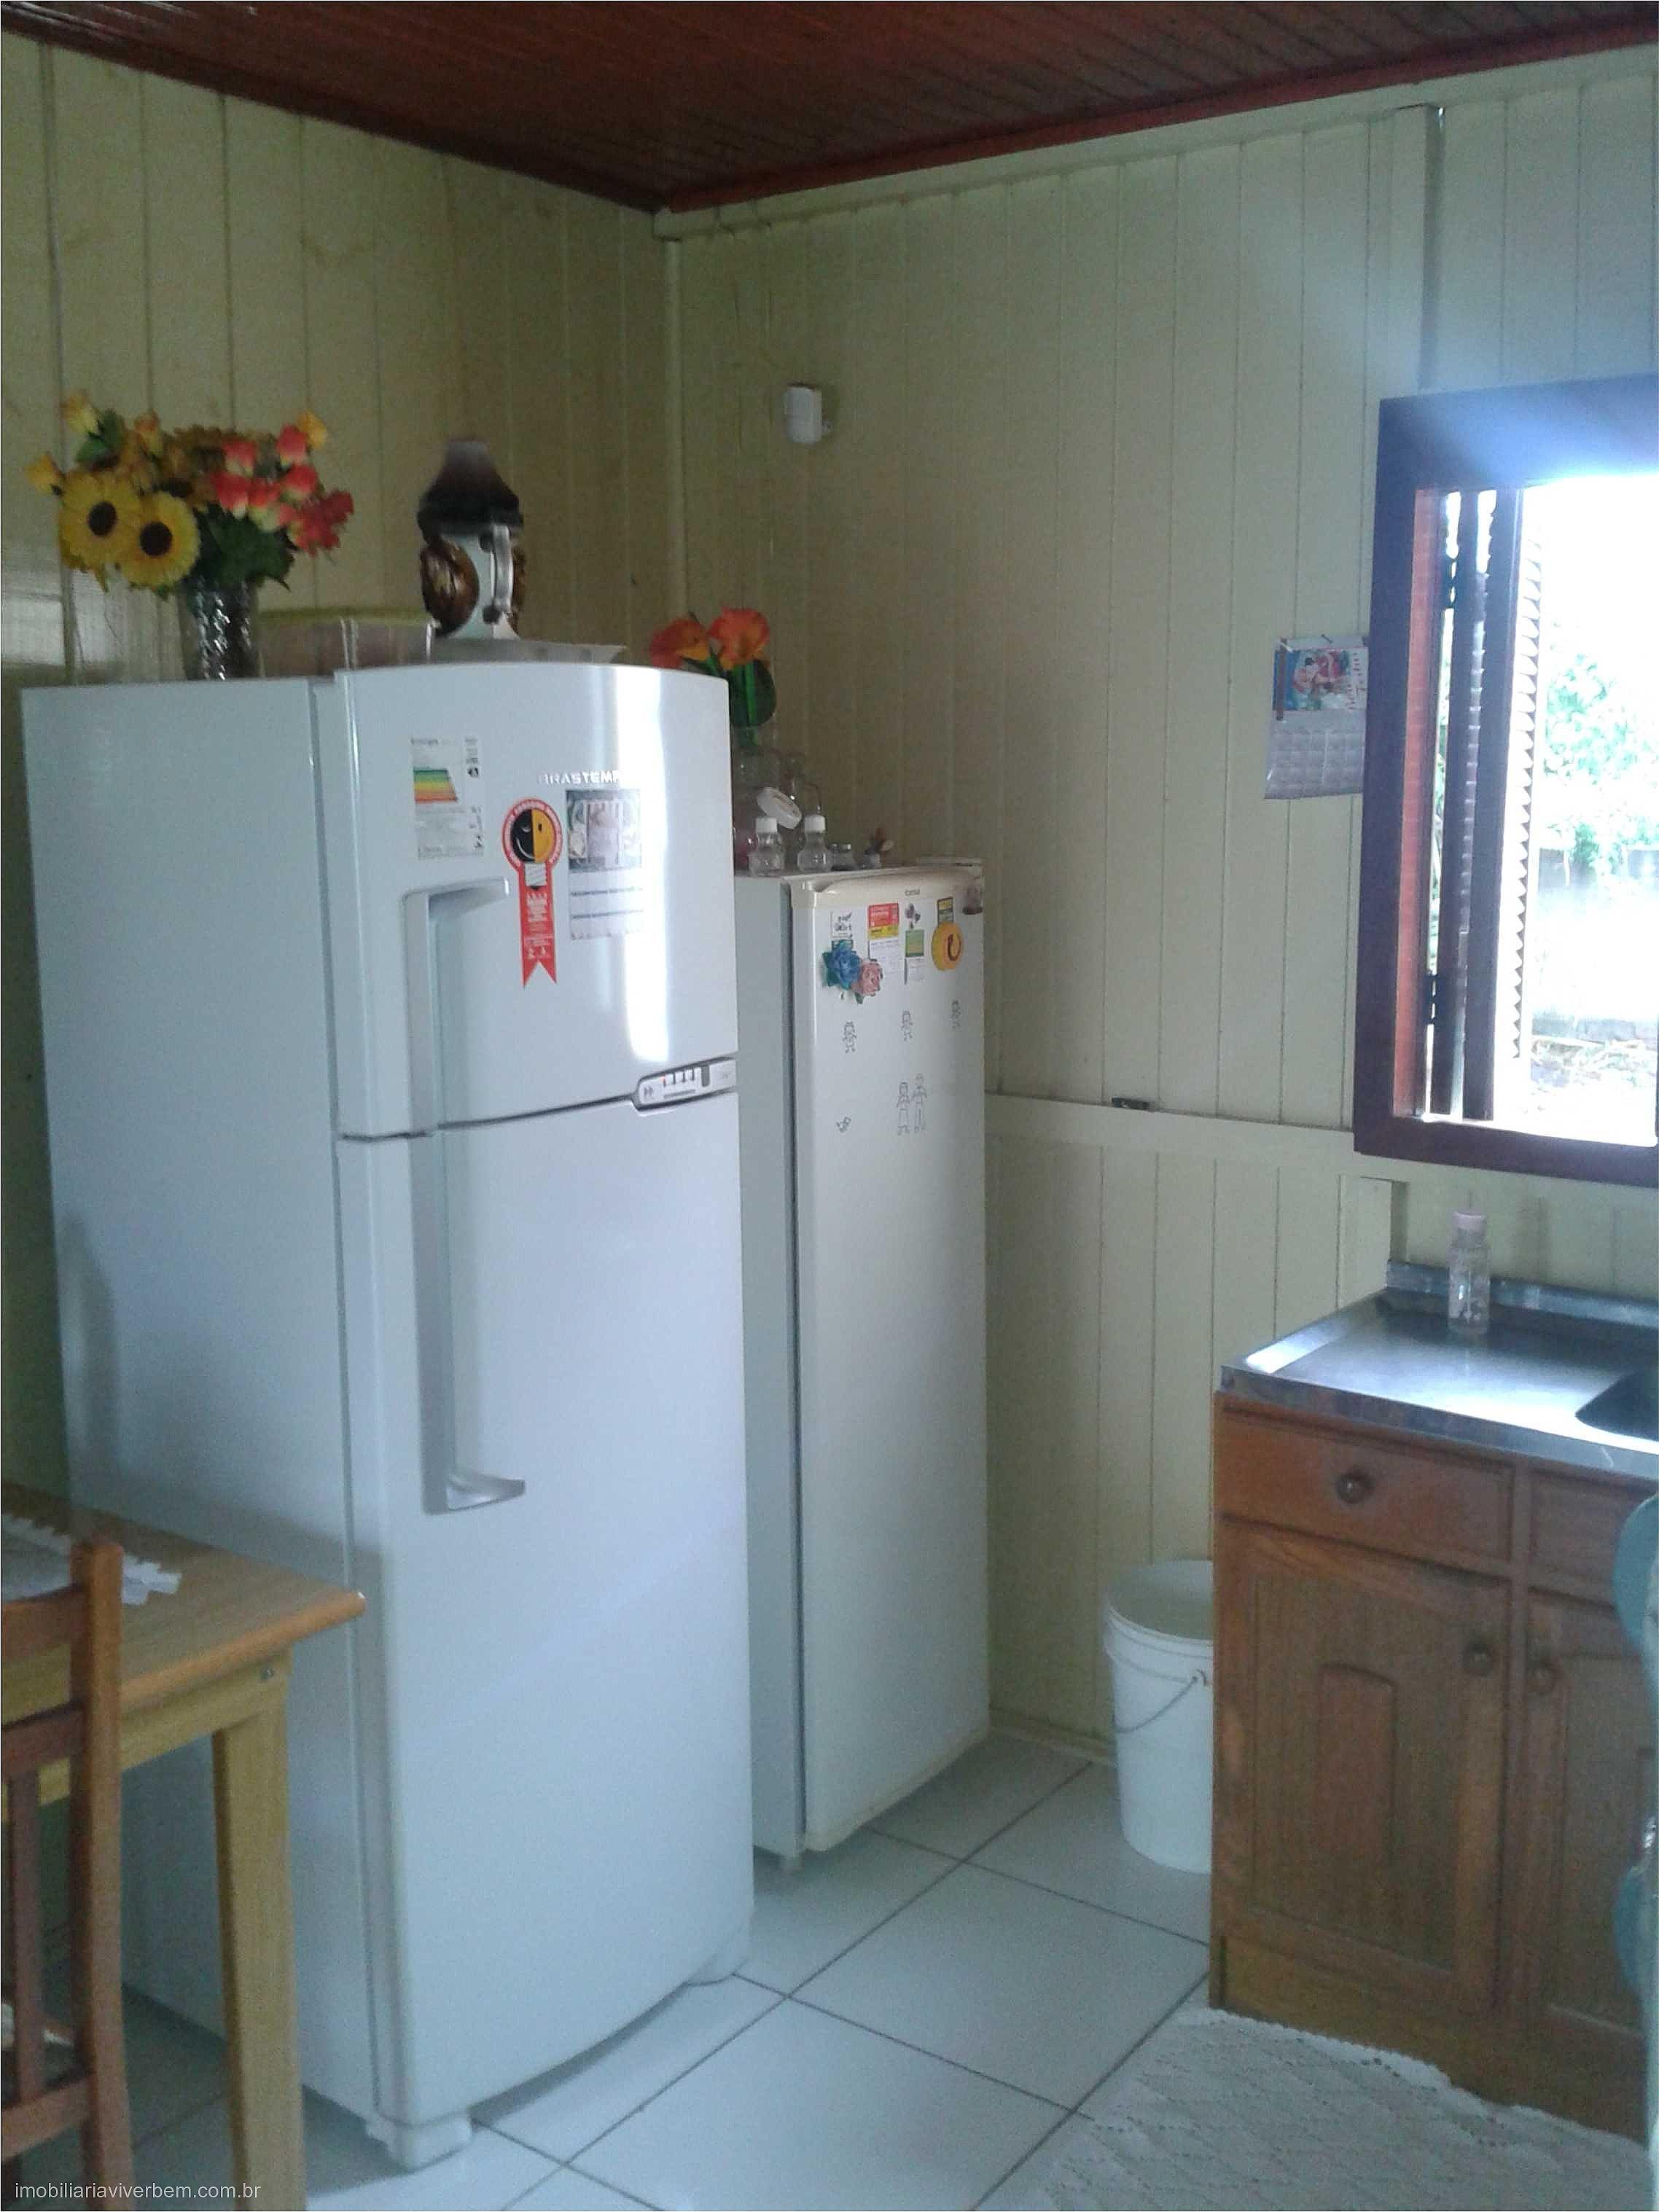 Viver Bem Imóveis - Casa 2 Dorm, São Jorge, Portão - Foto 3